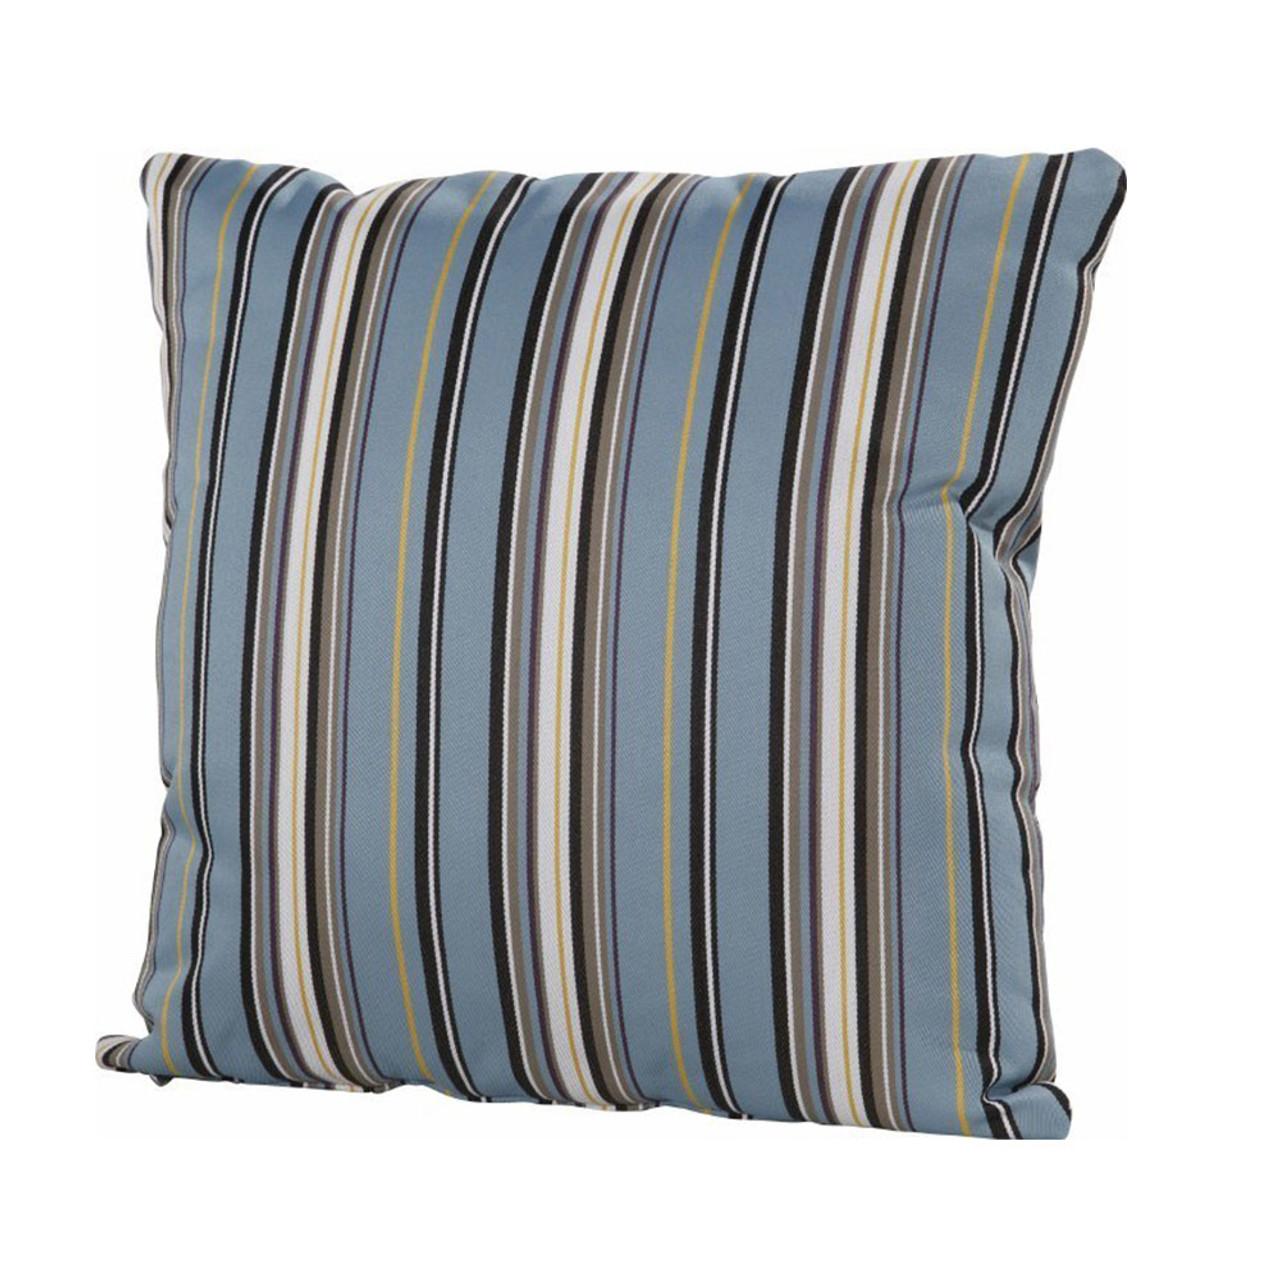 4so Albena Blue Outdoor Cushion 50x50cm The Orchard Garden Centre